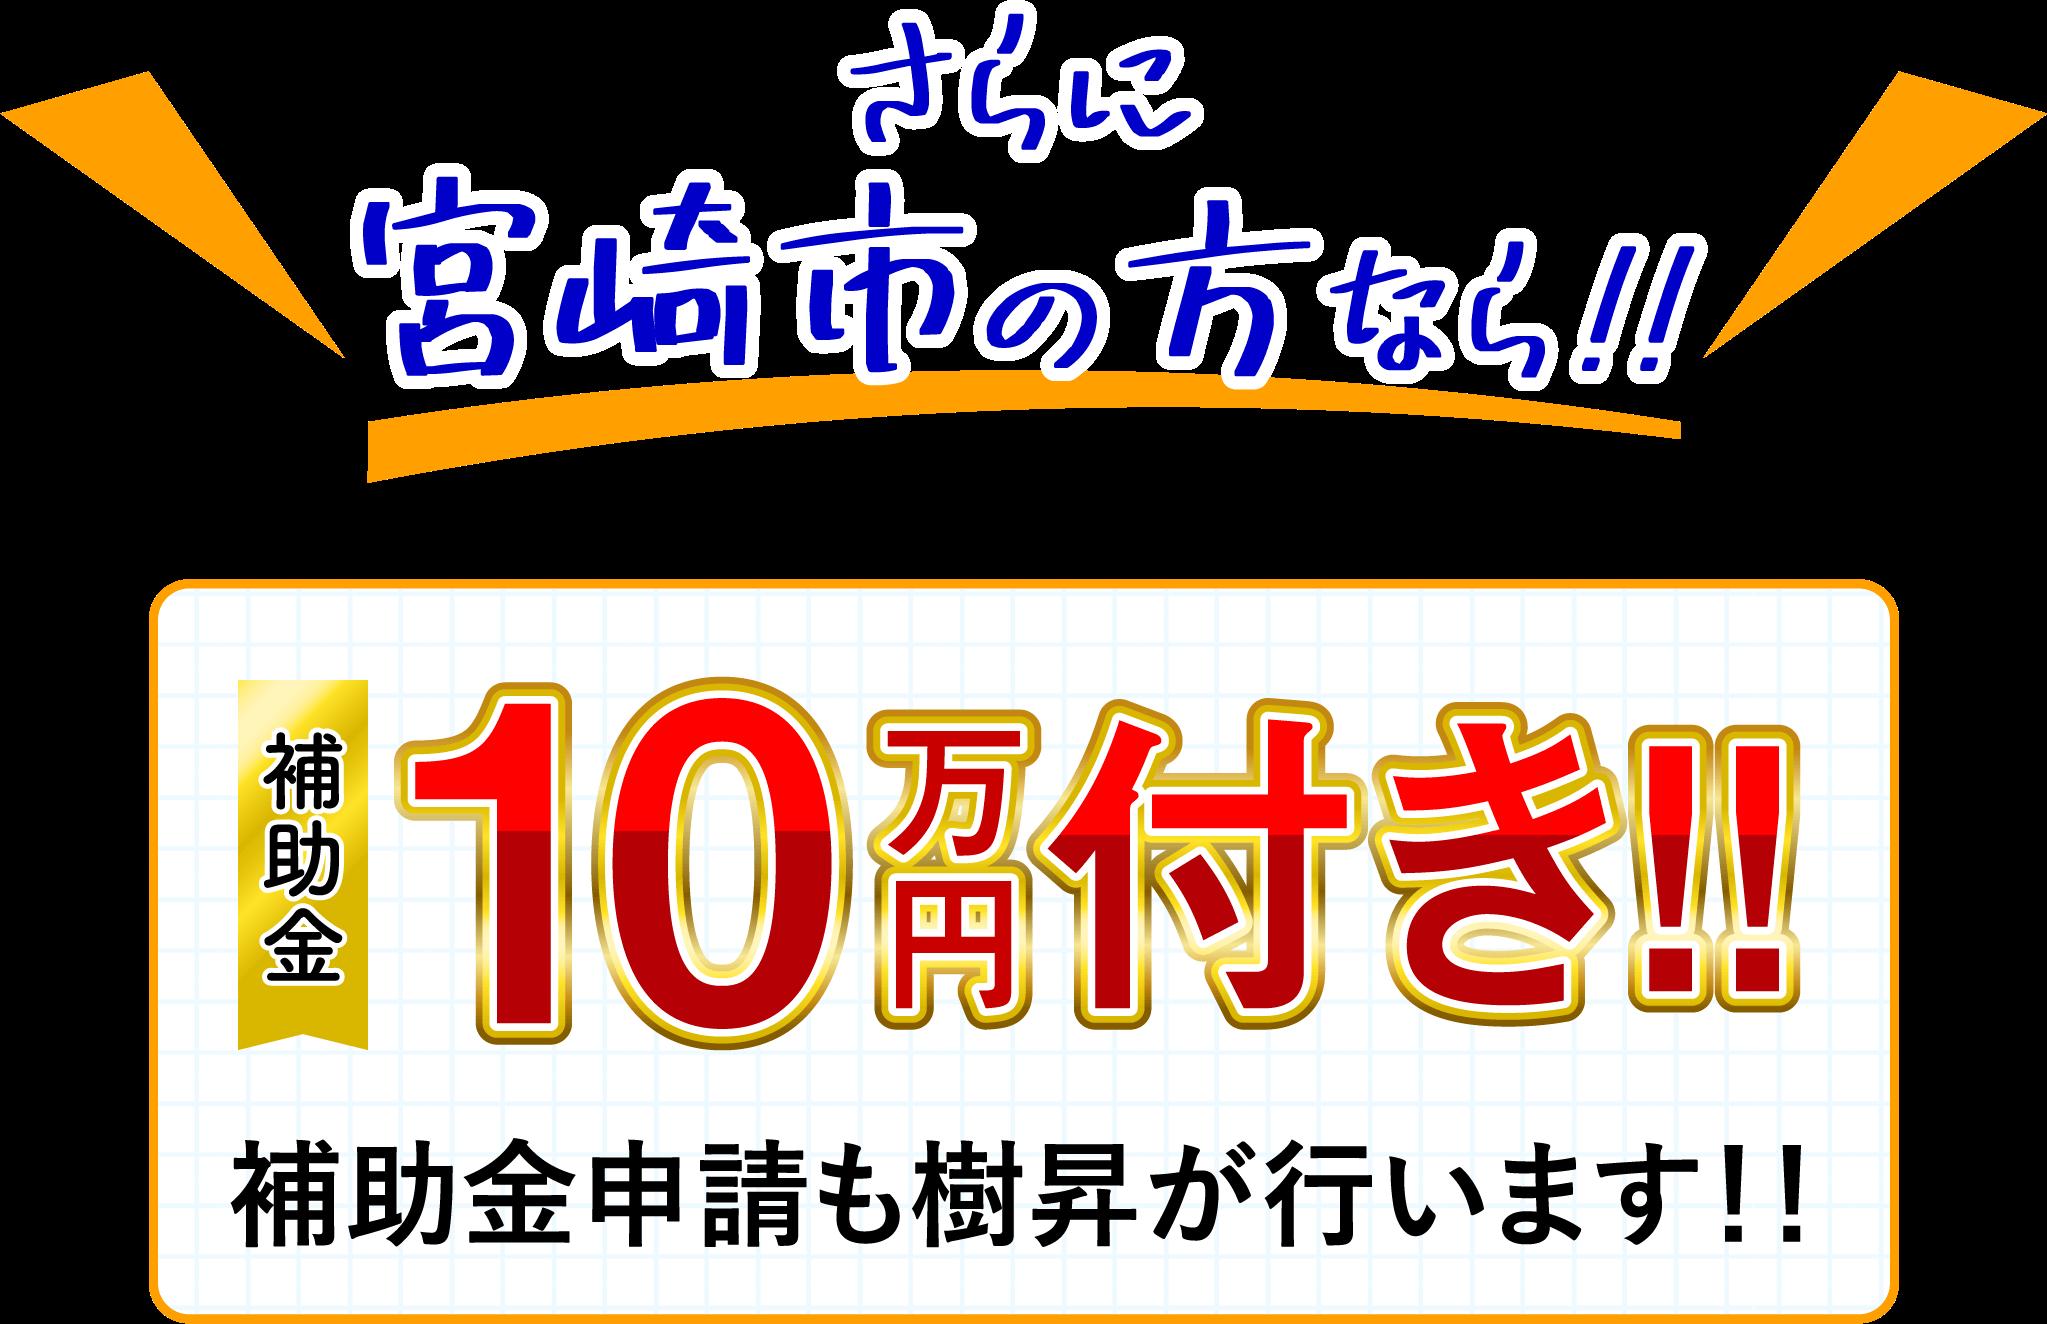 さらに宮崎市の方なら補助金 10万円付き!!補助金申請も樹昇が行います!!